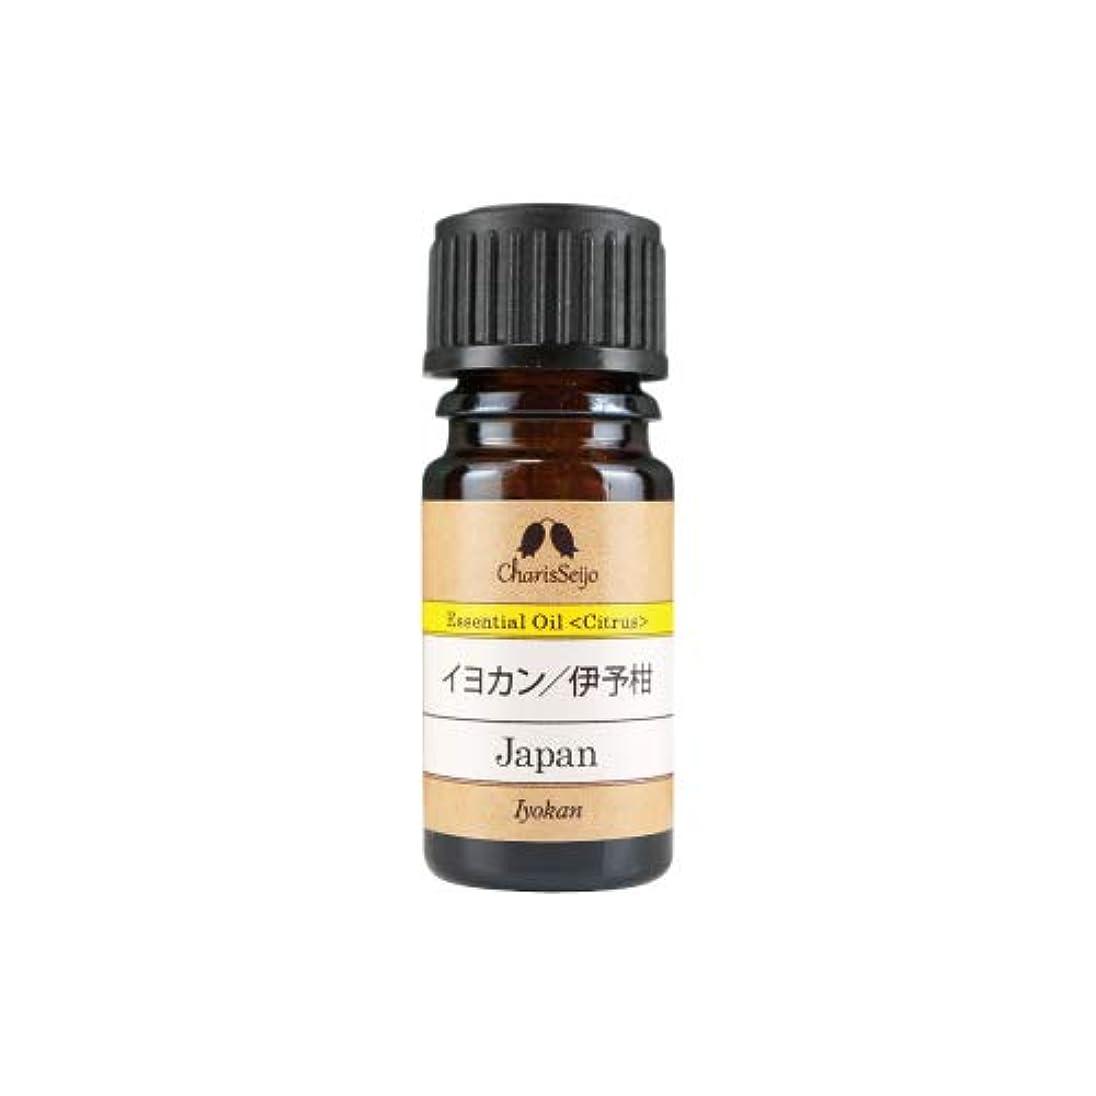 用心する病院過剰イヨカン/伊予柑 オイル 5ml (100nl)